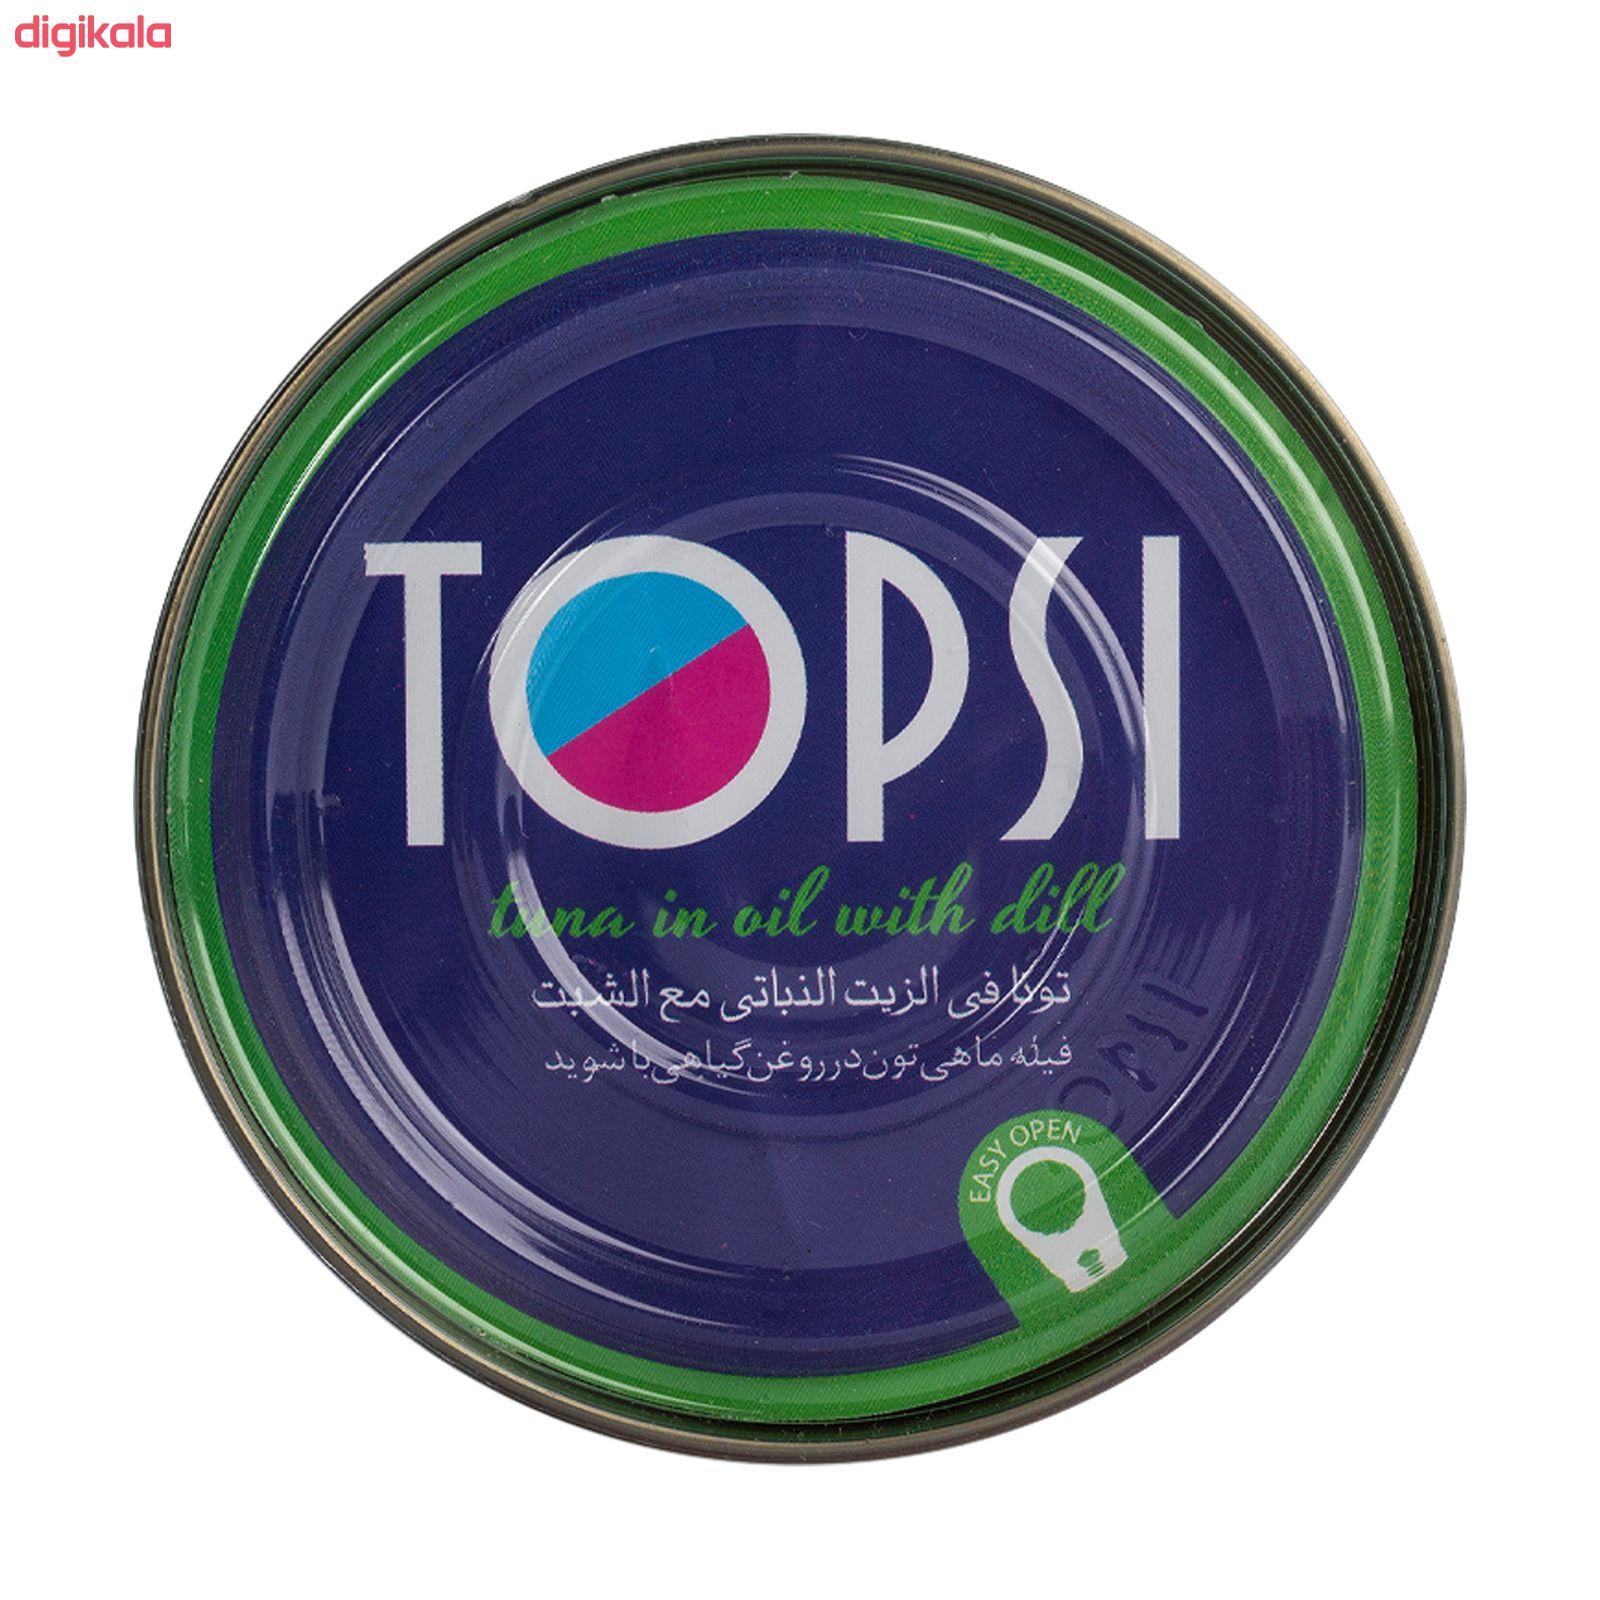 کنسرو ماهی فیله در روغن گیاهی تاپسی  - 180 گرم main 1 1